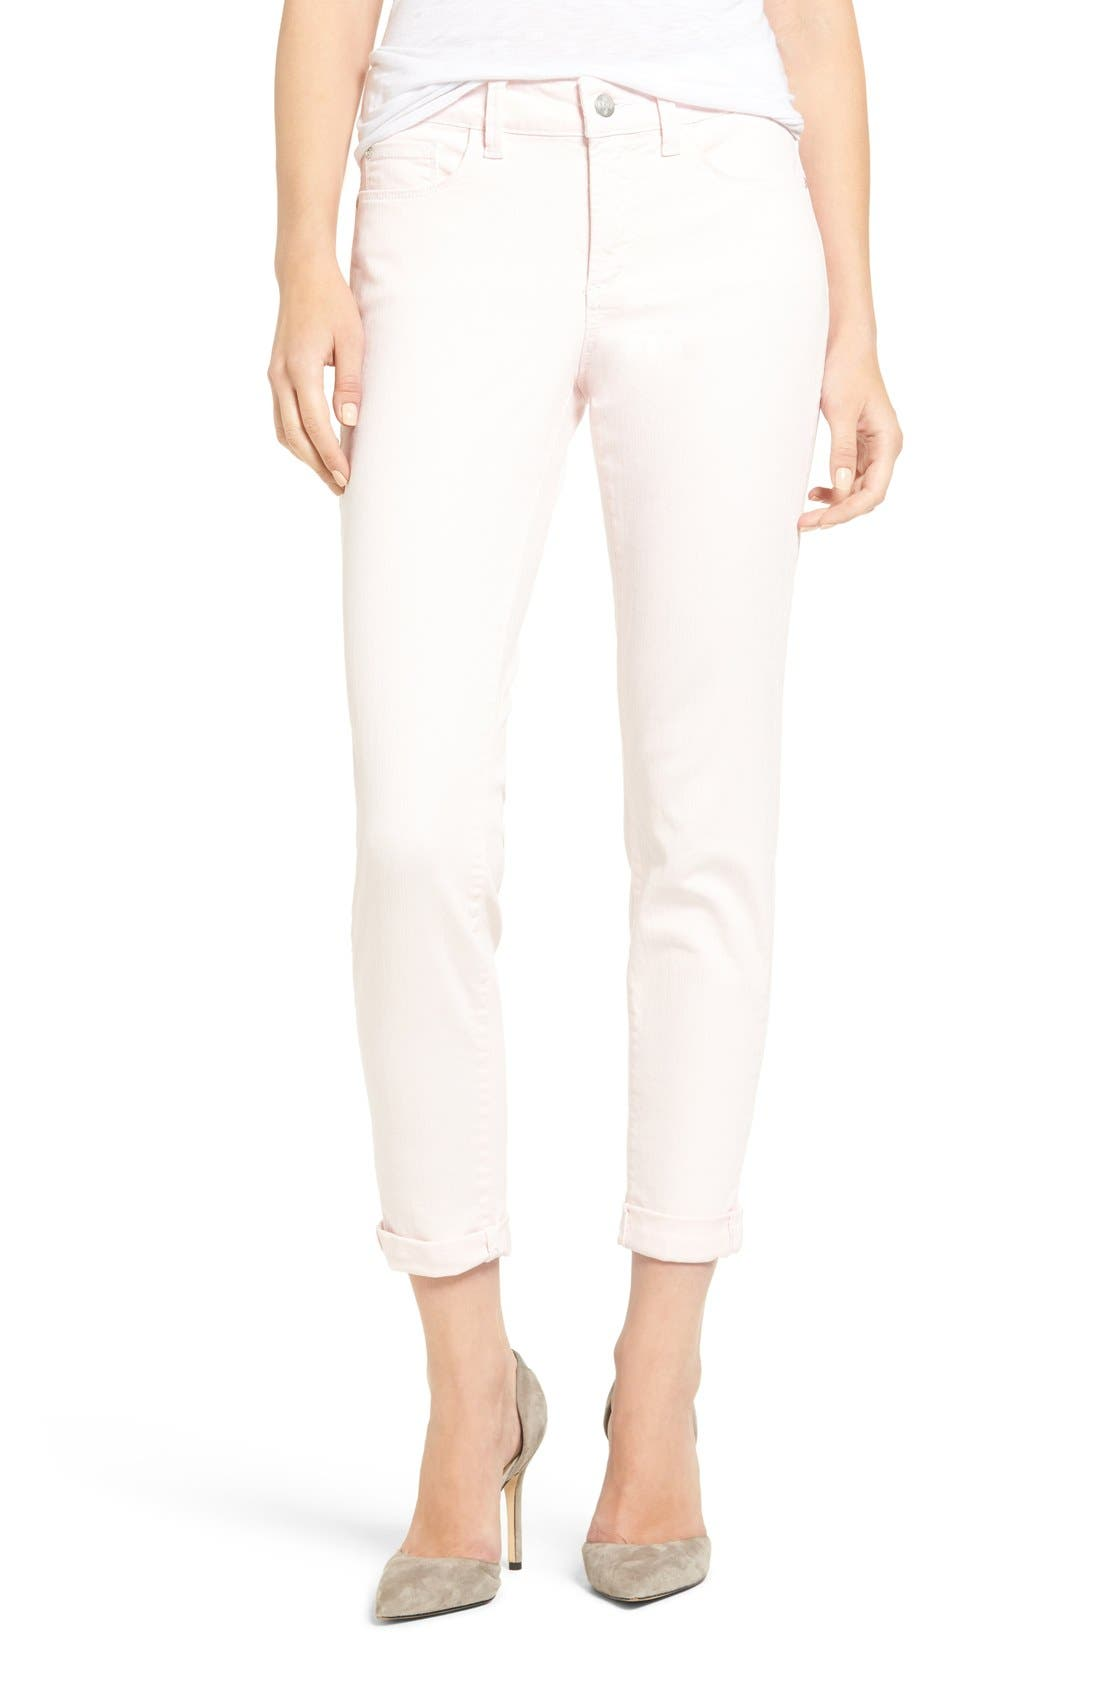 Jeans & Denim for Women: Skinny, Boyfriend & More   Nordstrom